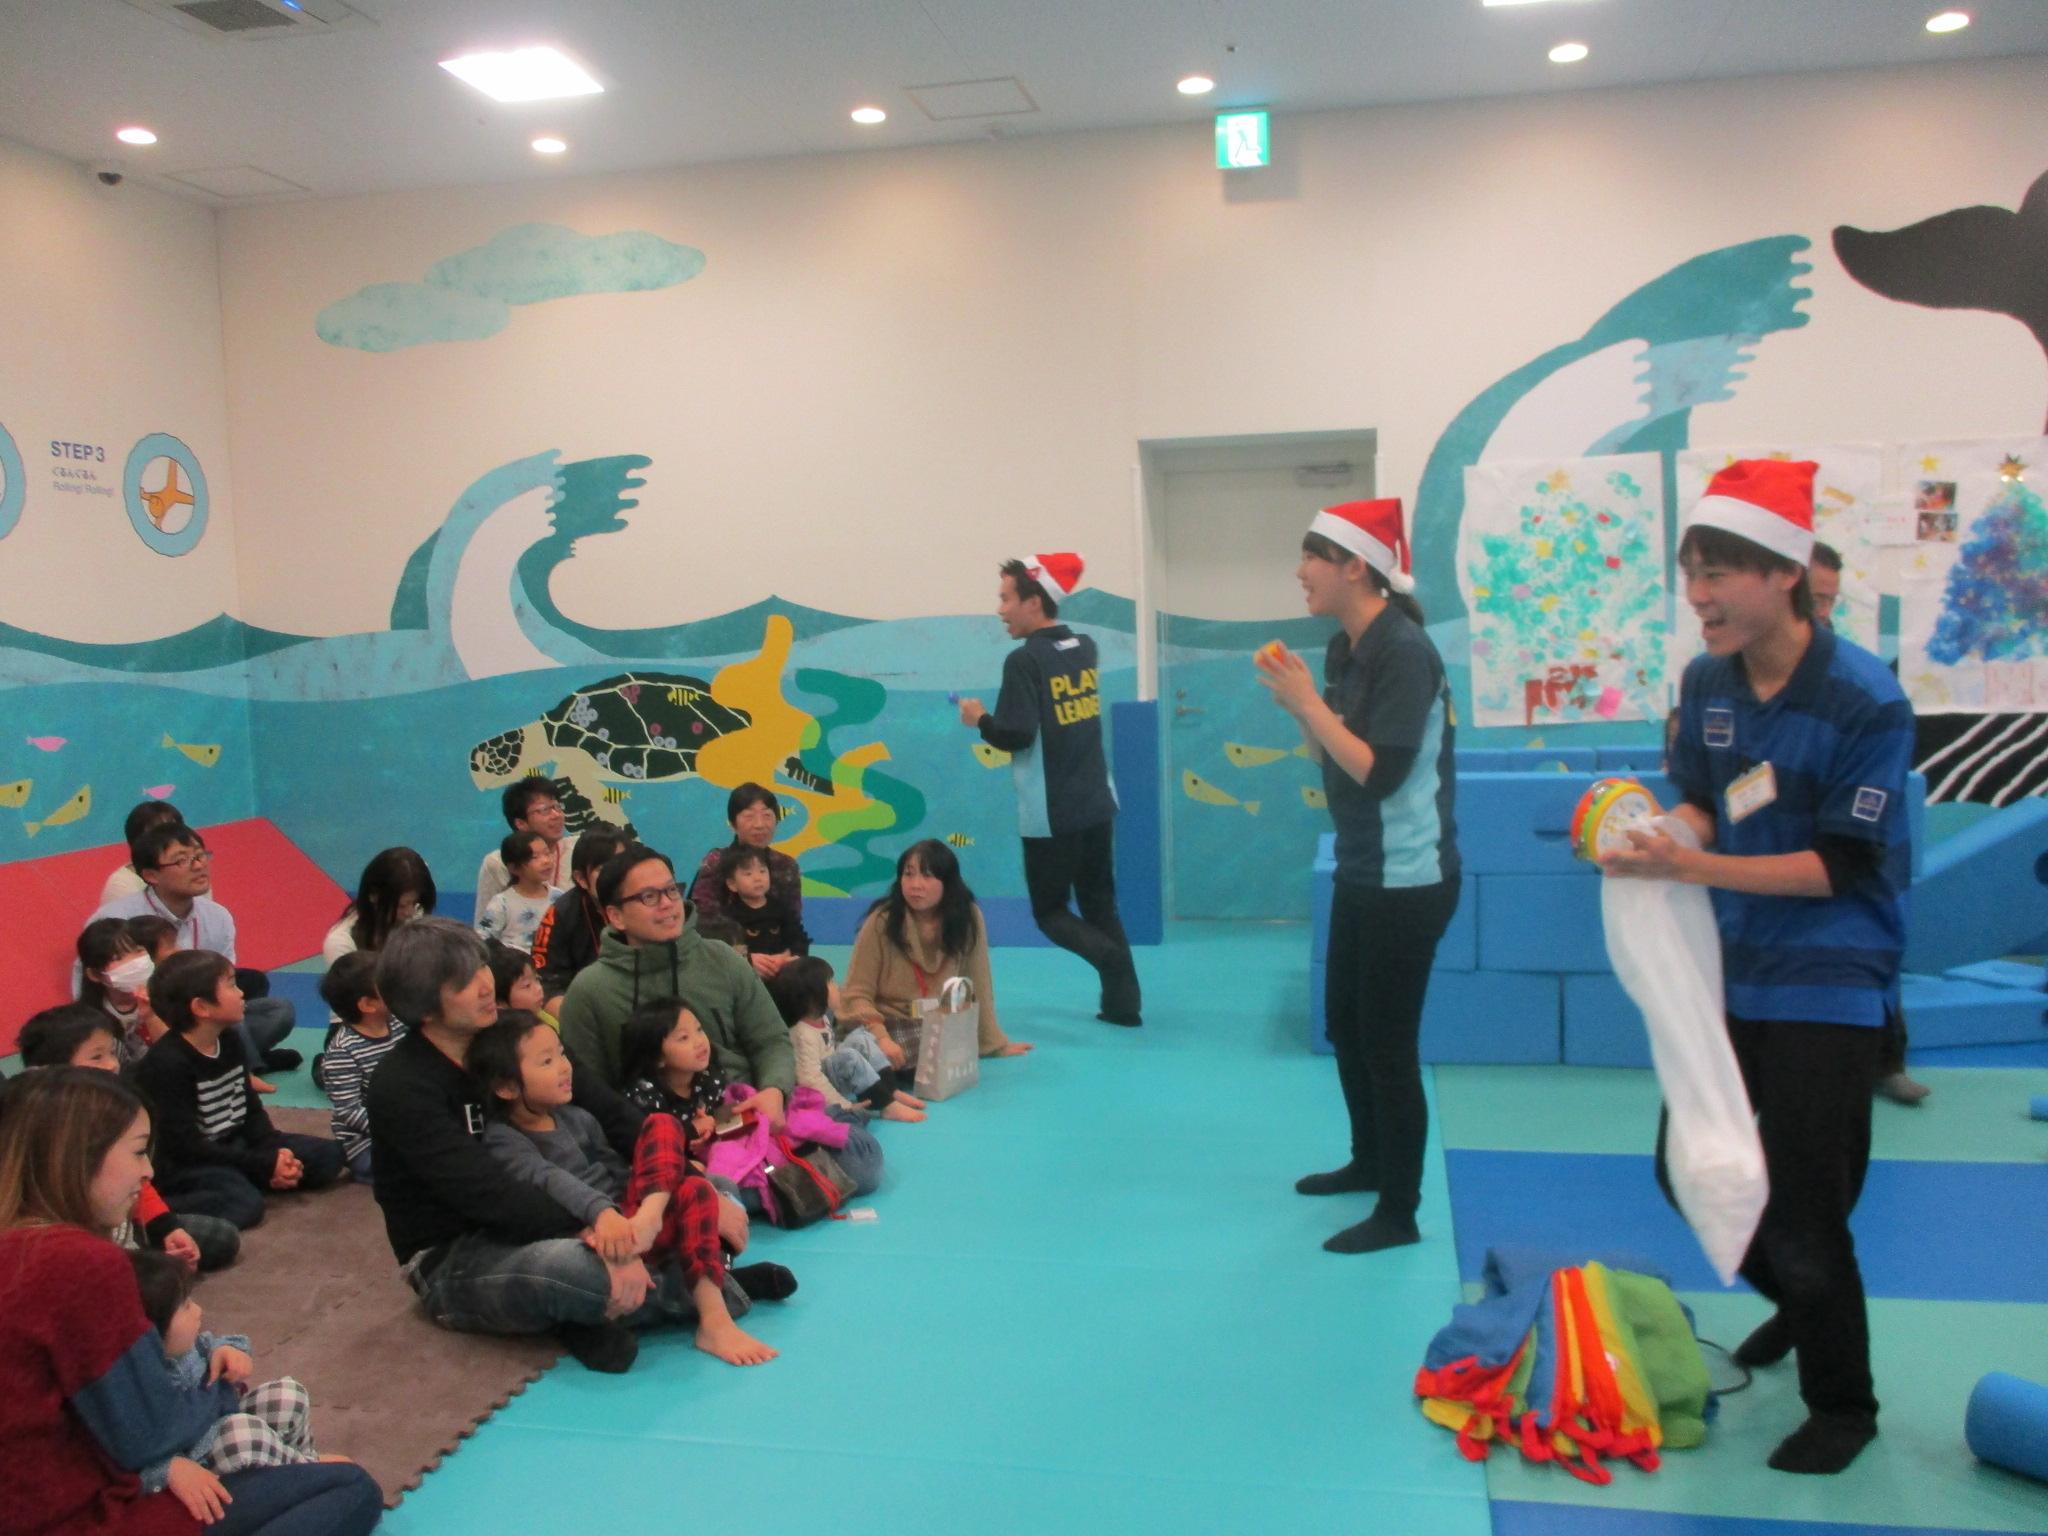 12月24日 クリスマス特別イベントを行いました!